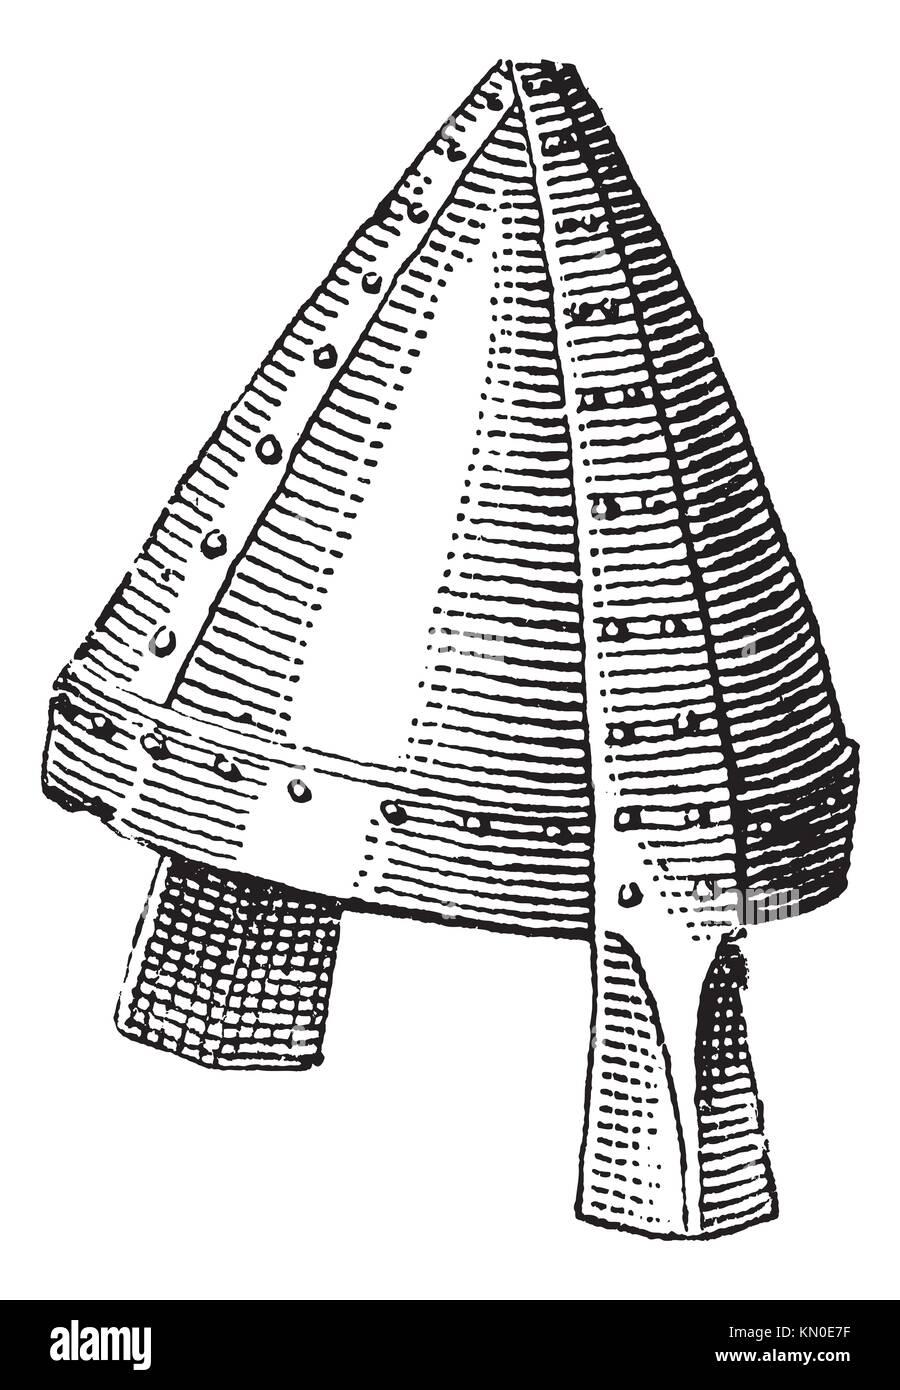 9e5379bdc1b34 Casco Normando o galea vintage grabado grabado antiguo casco normando de  ilustración Imagen De Stock